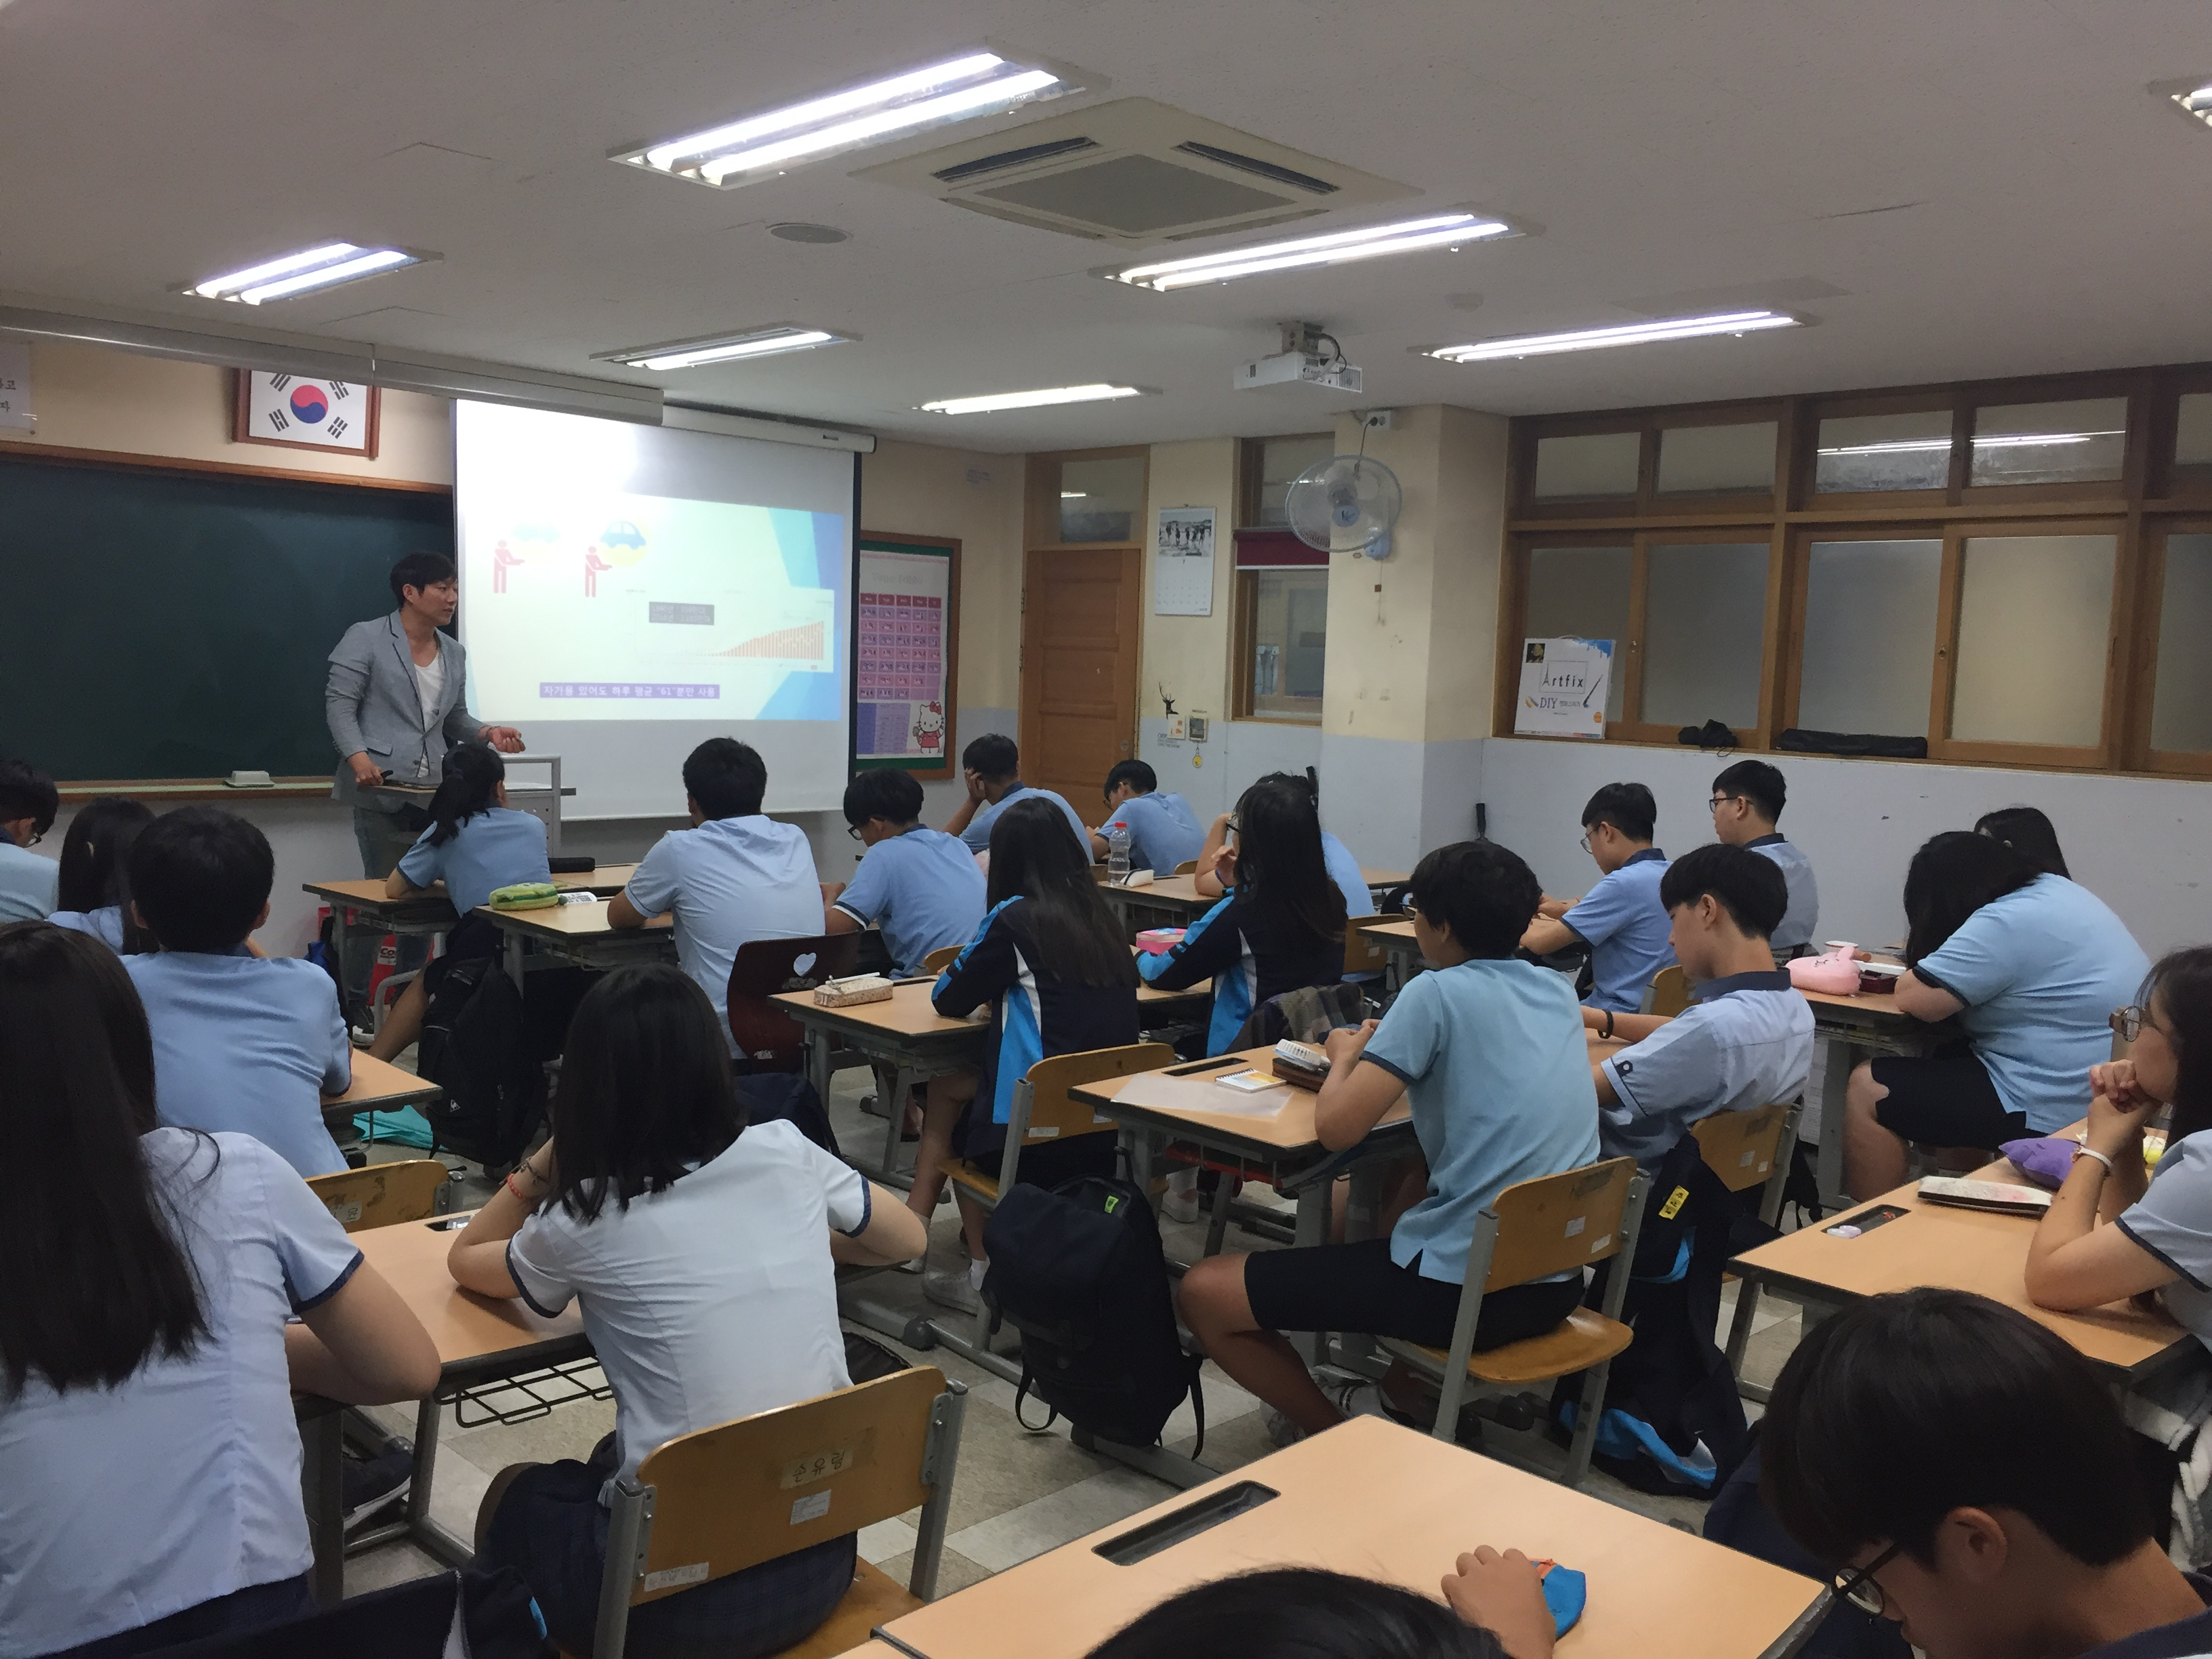 2017 07 10 서울시공유경제시작학교 영락중학교 사진01